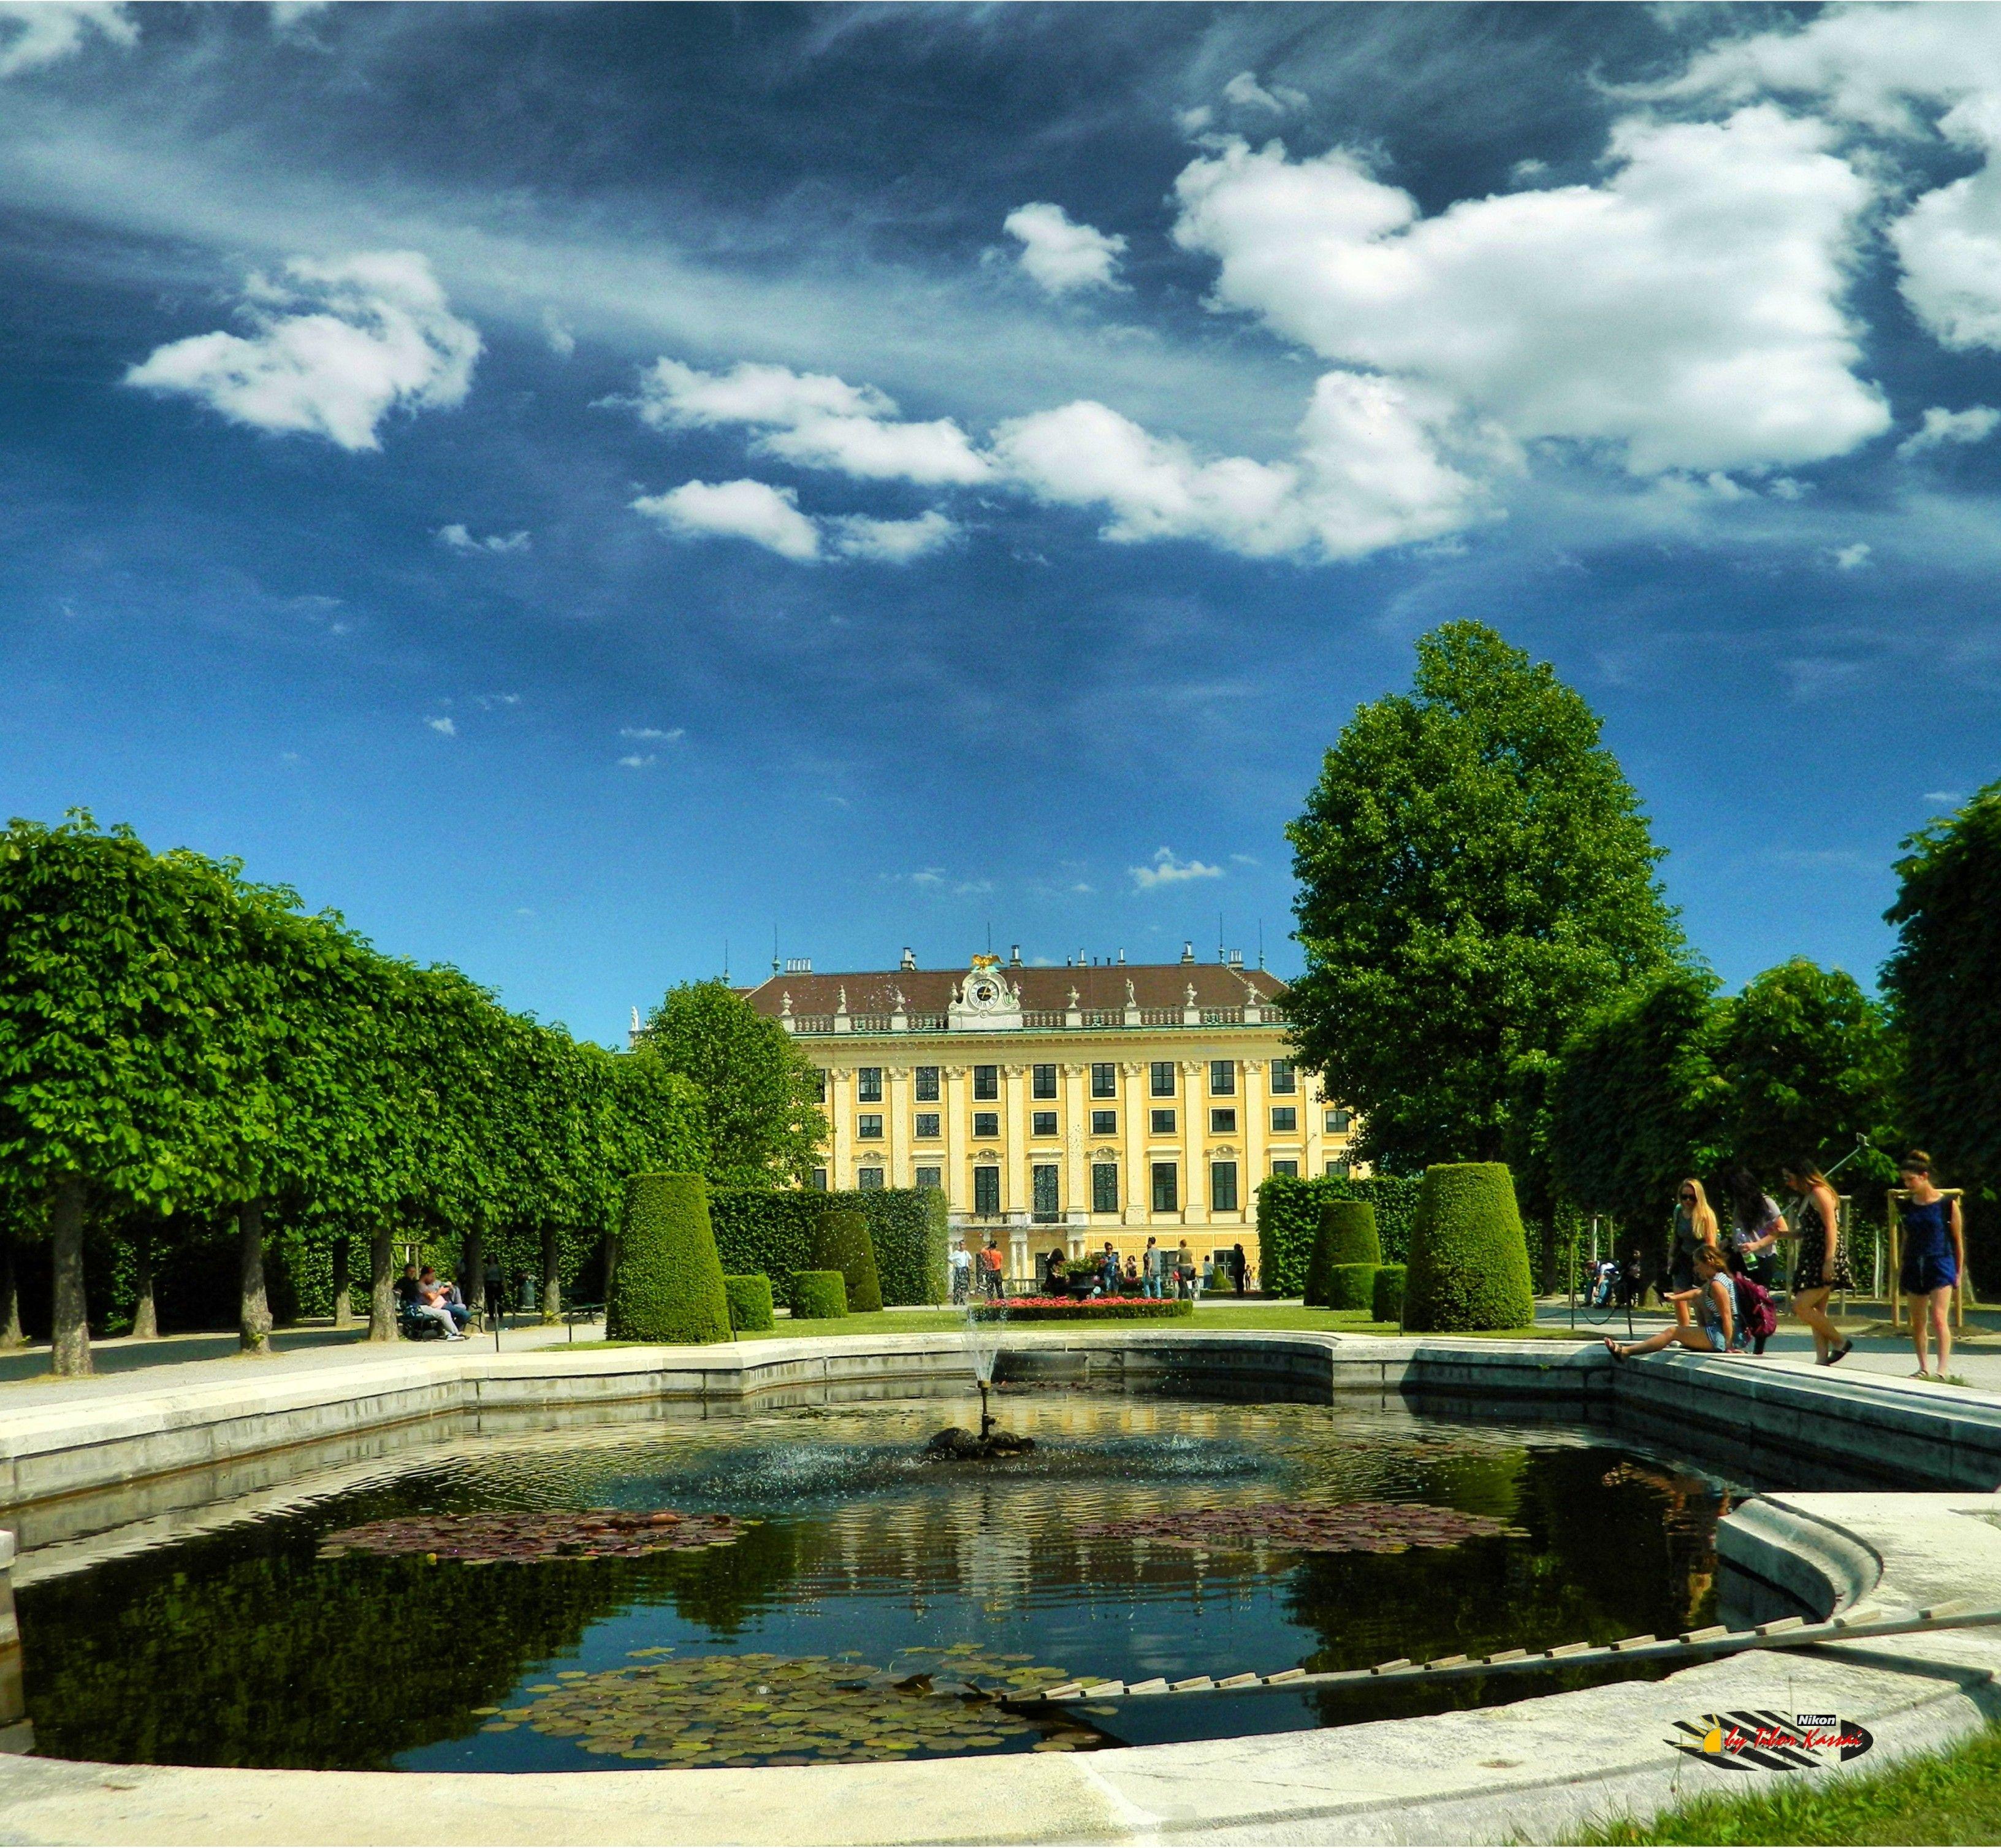 Wien, Schönbrunn Palace Garden, Nikon Coolpix L310, 5.6mm,1/700s, ISO80, f/3.2,+1.0ev, polar filter, panorama mode:segment2, HDR-Art photography, 201603211502